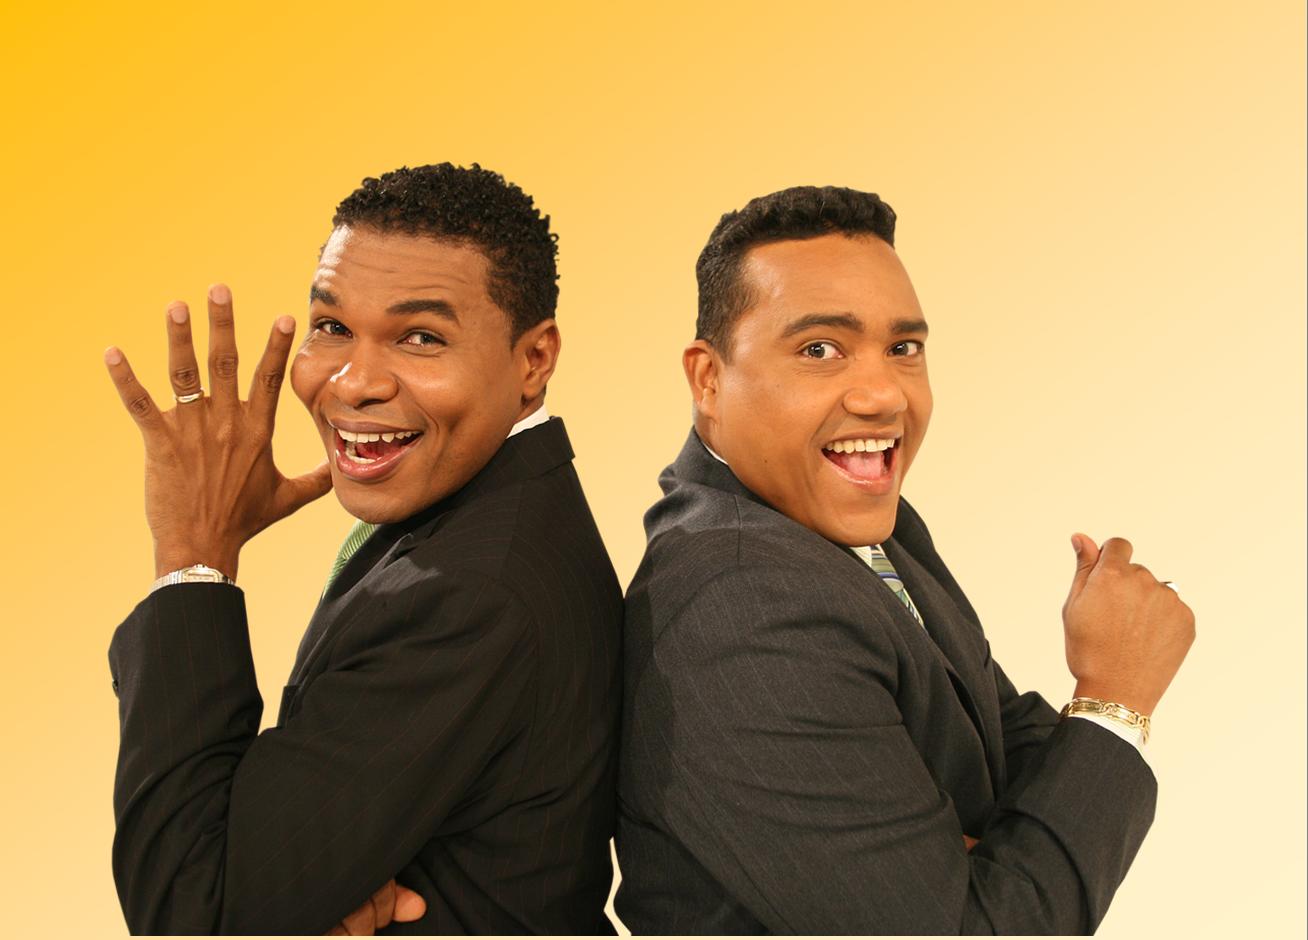 Raymond y Miguel destacan gira por EEUU